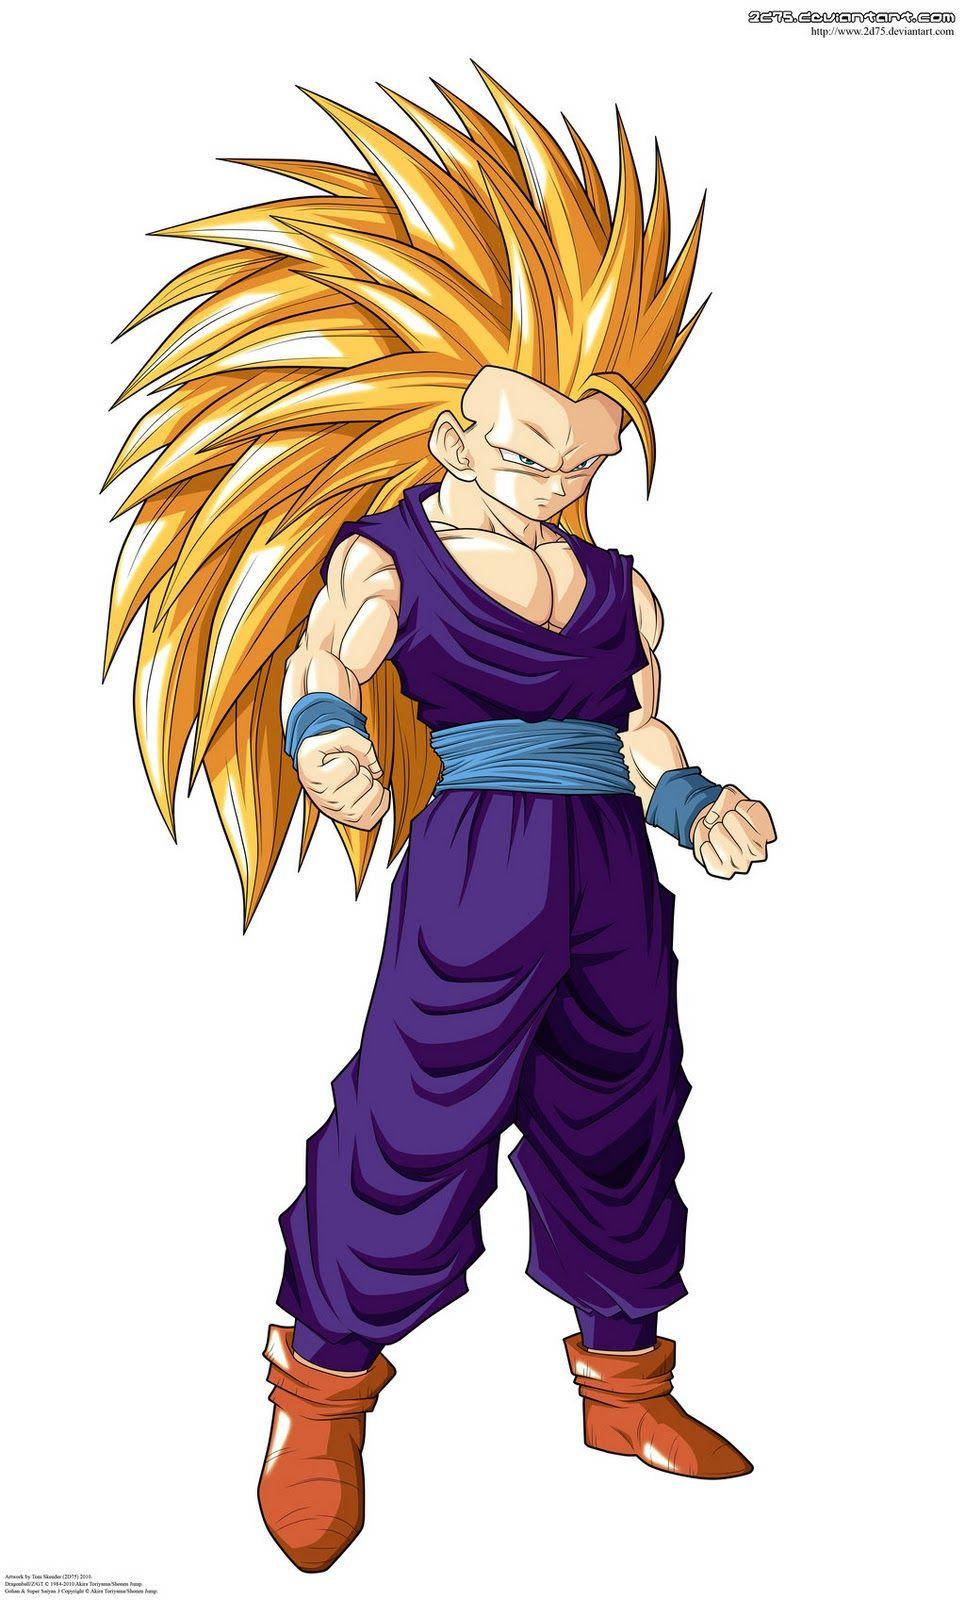 Download Games Dragon Ball Z For Free Gohan Vegeta Games Free Dragon Ball Super Manga Dragon Ball Image Dragon Ball